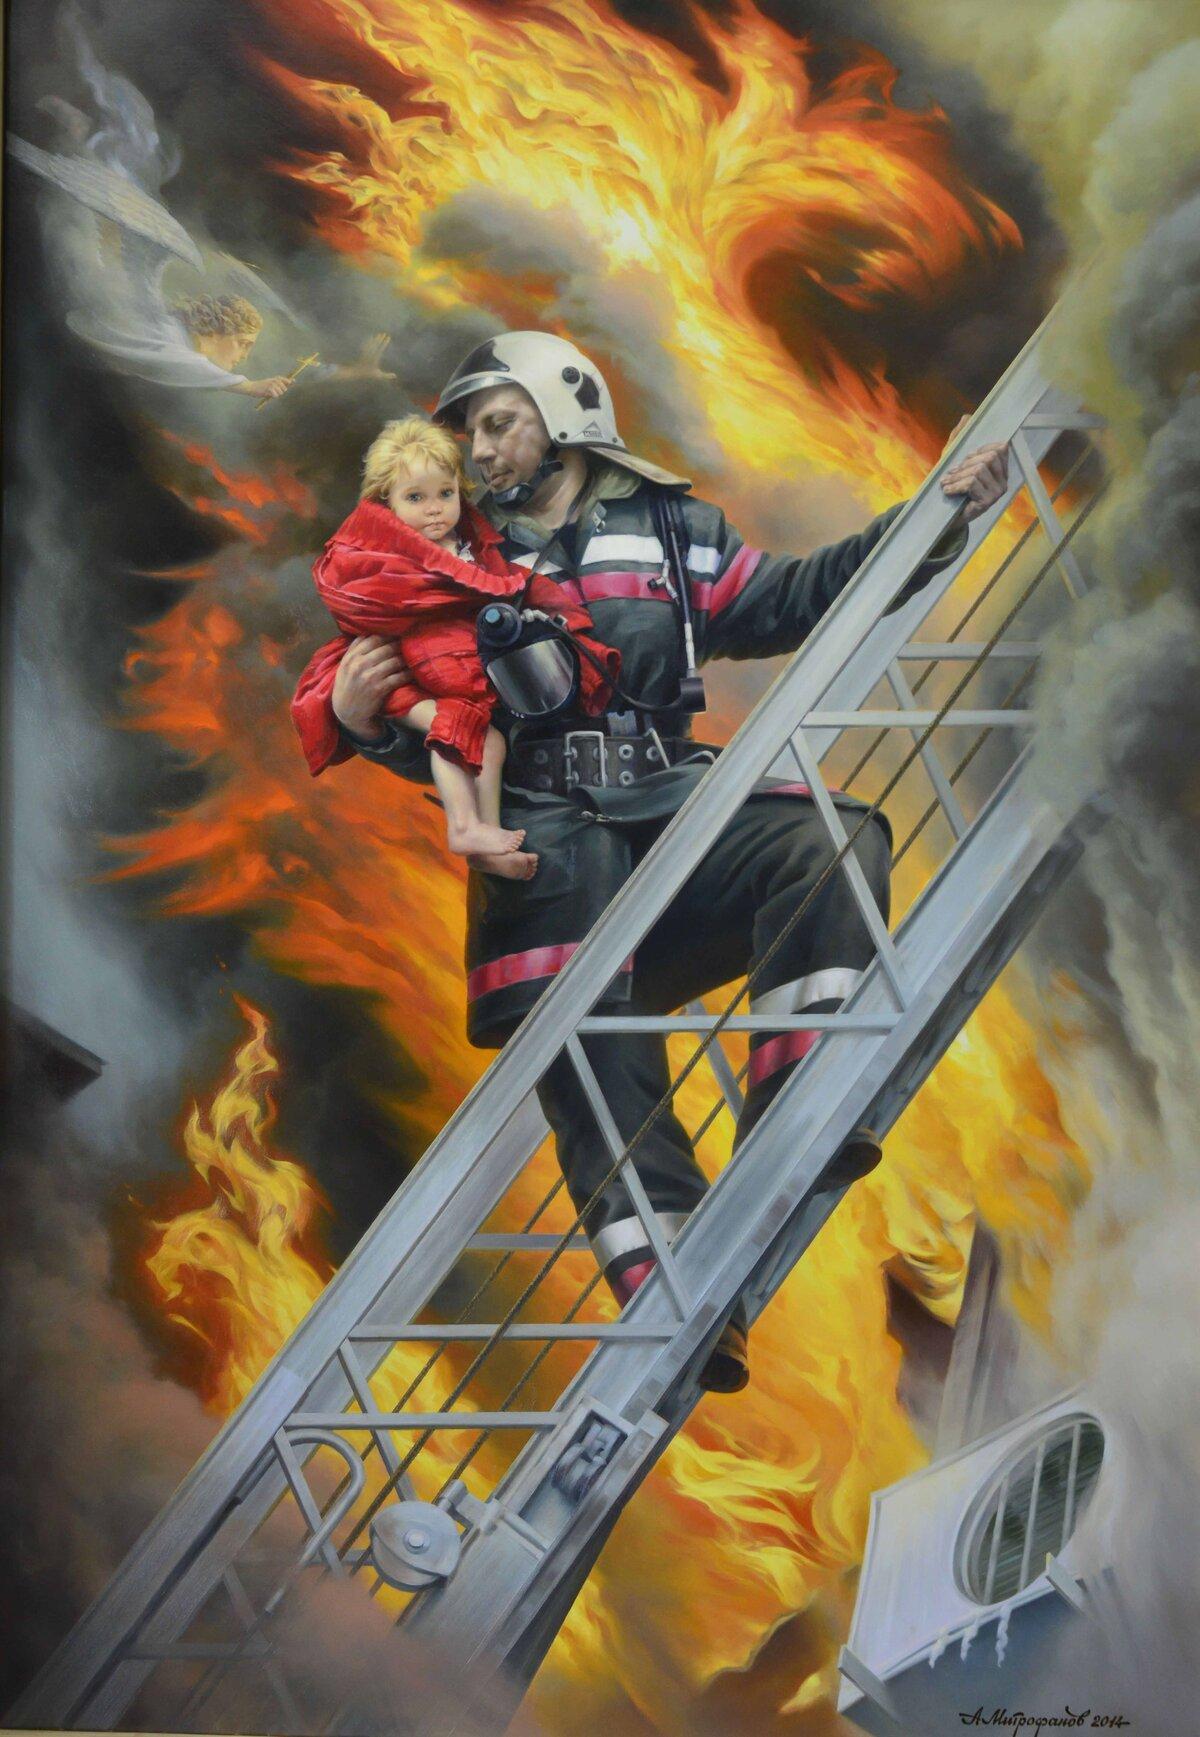 картинка спасение на пожар закуска прекрасно поддержит